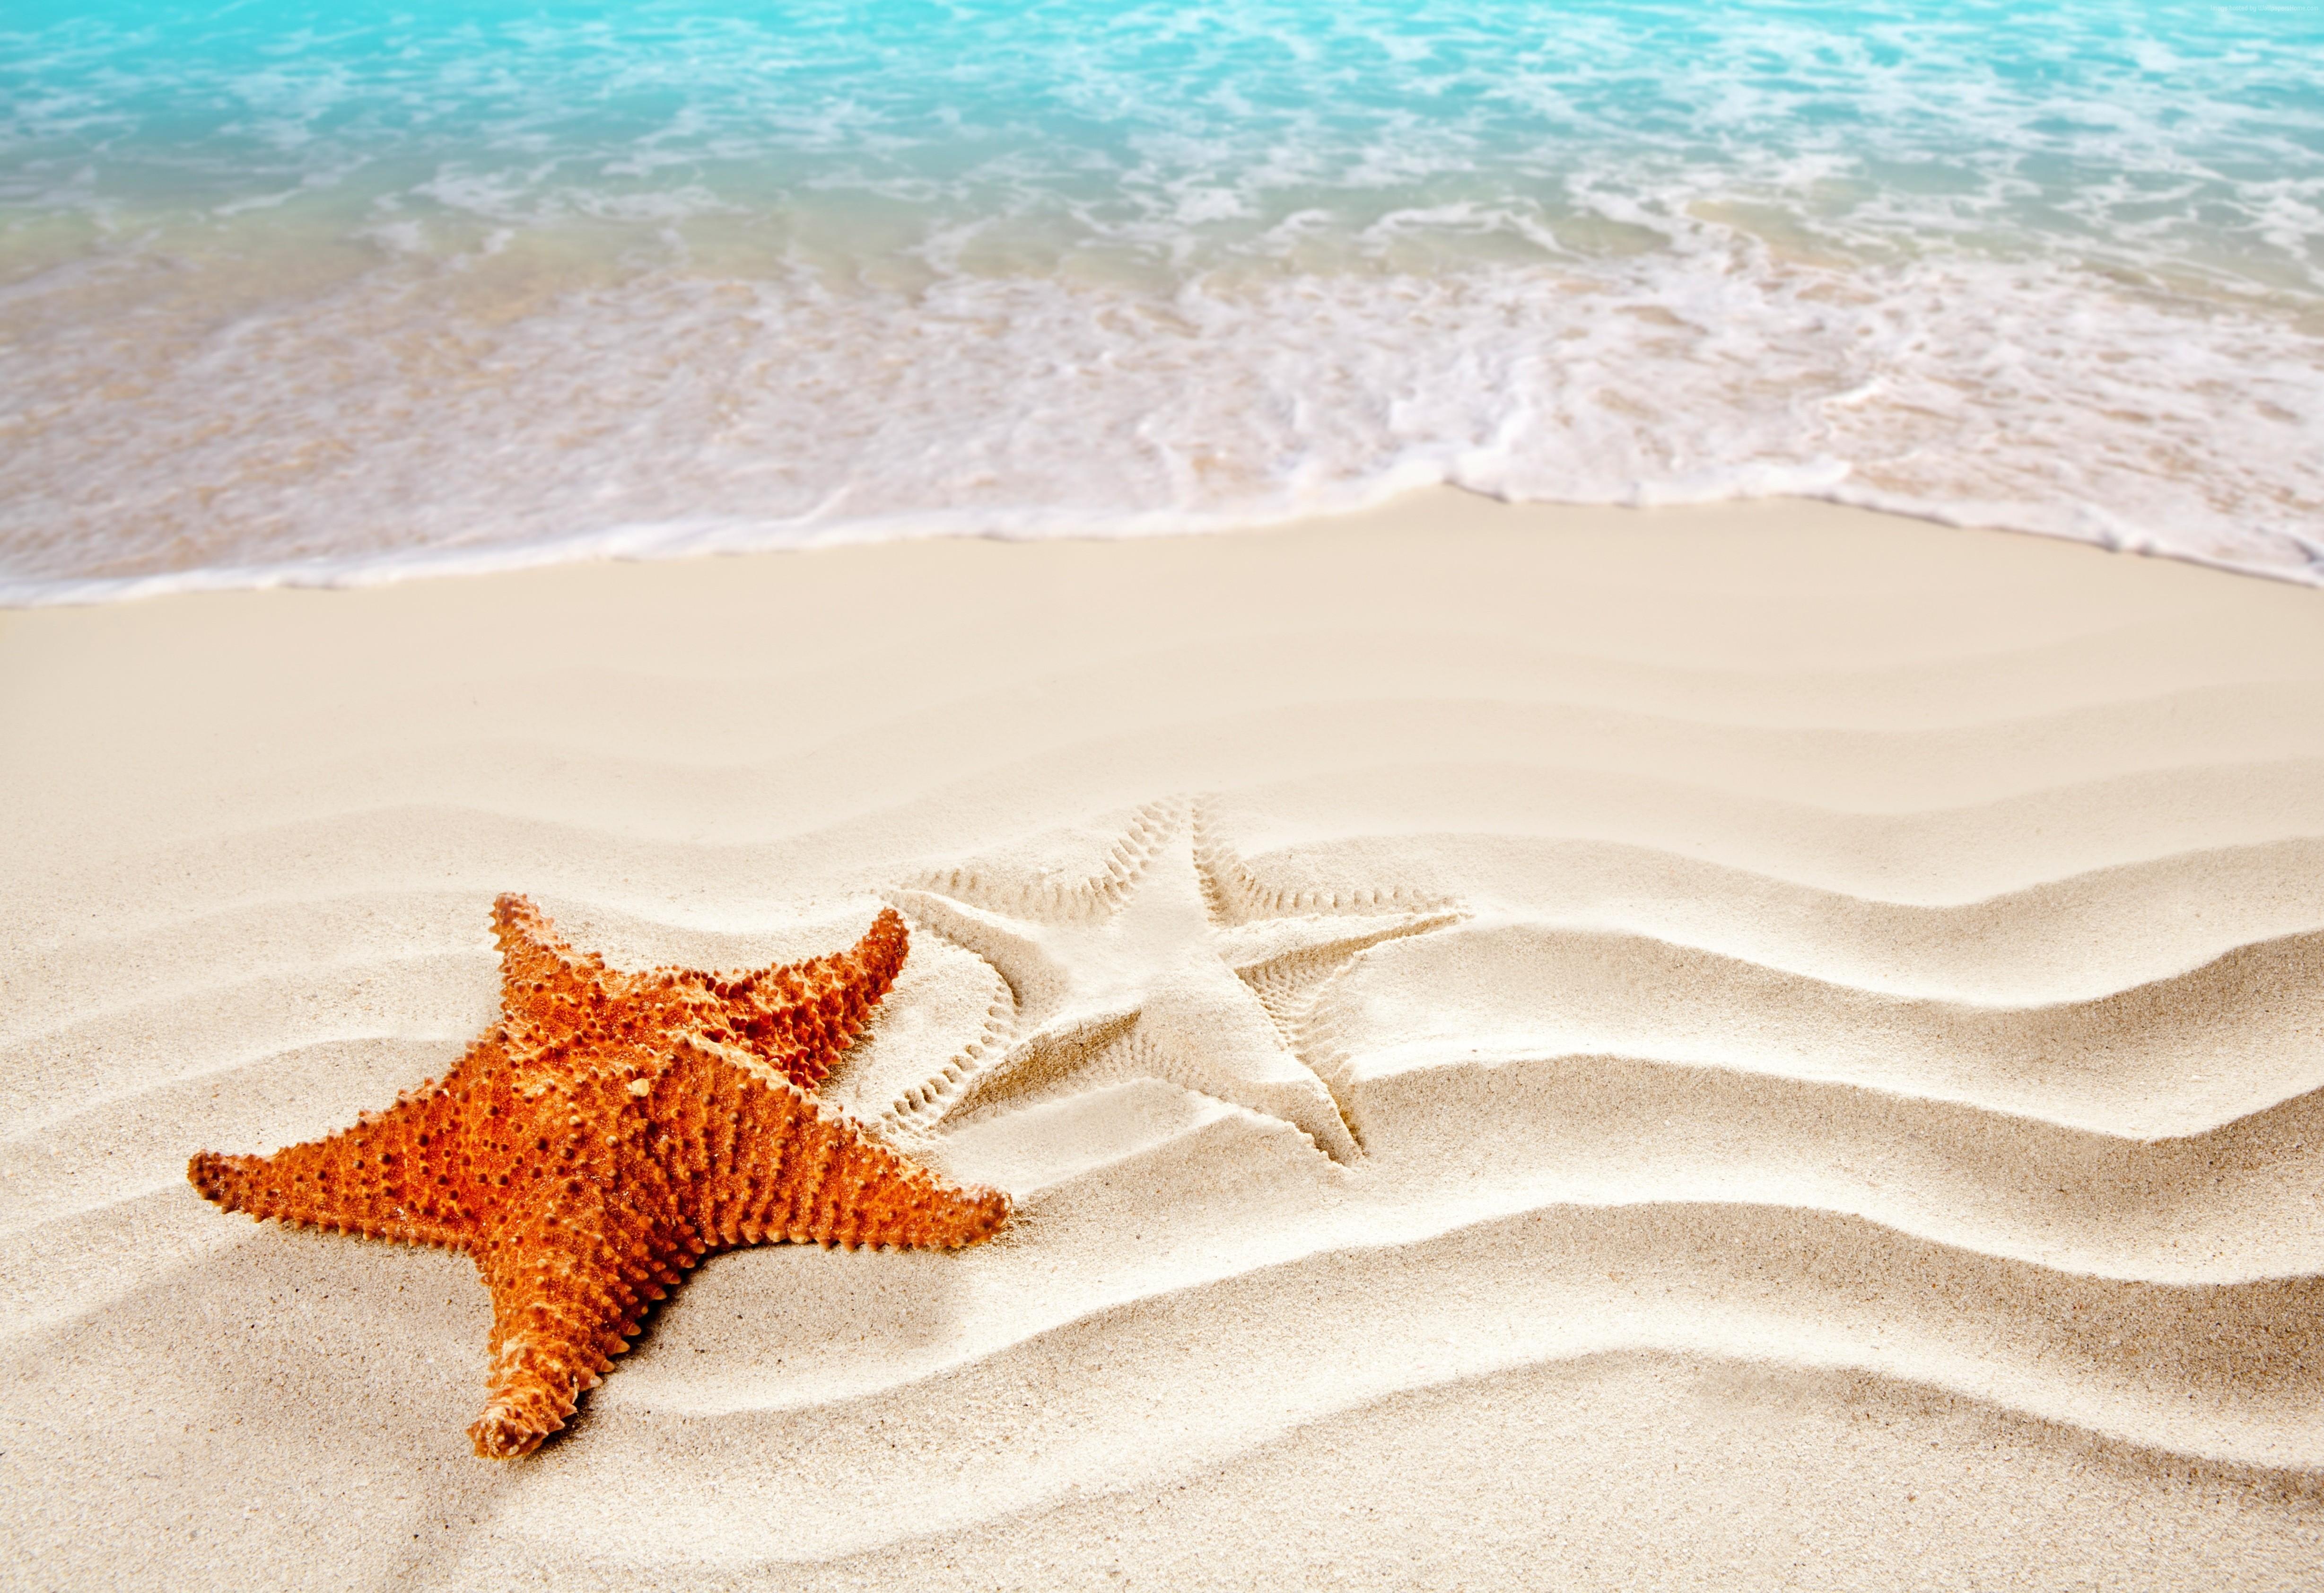 фотообои море пляж морская звезда каркасной